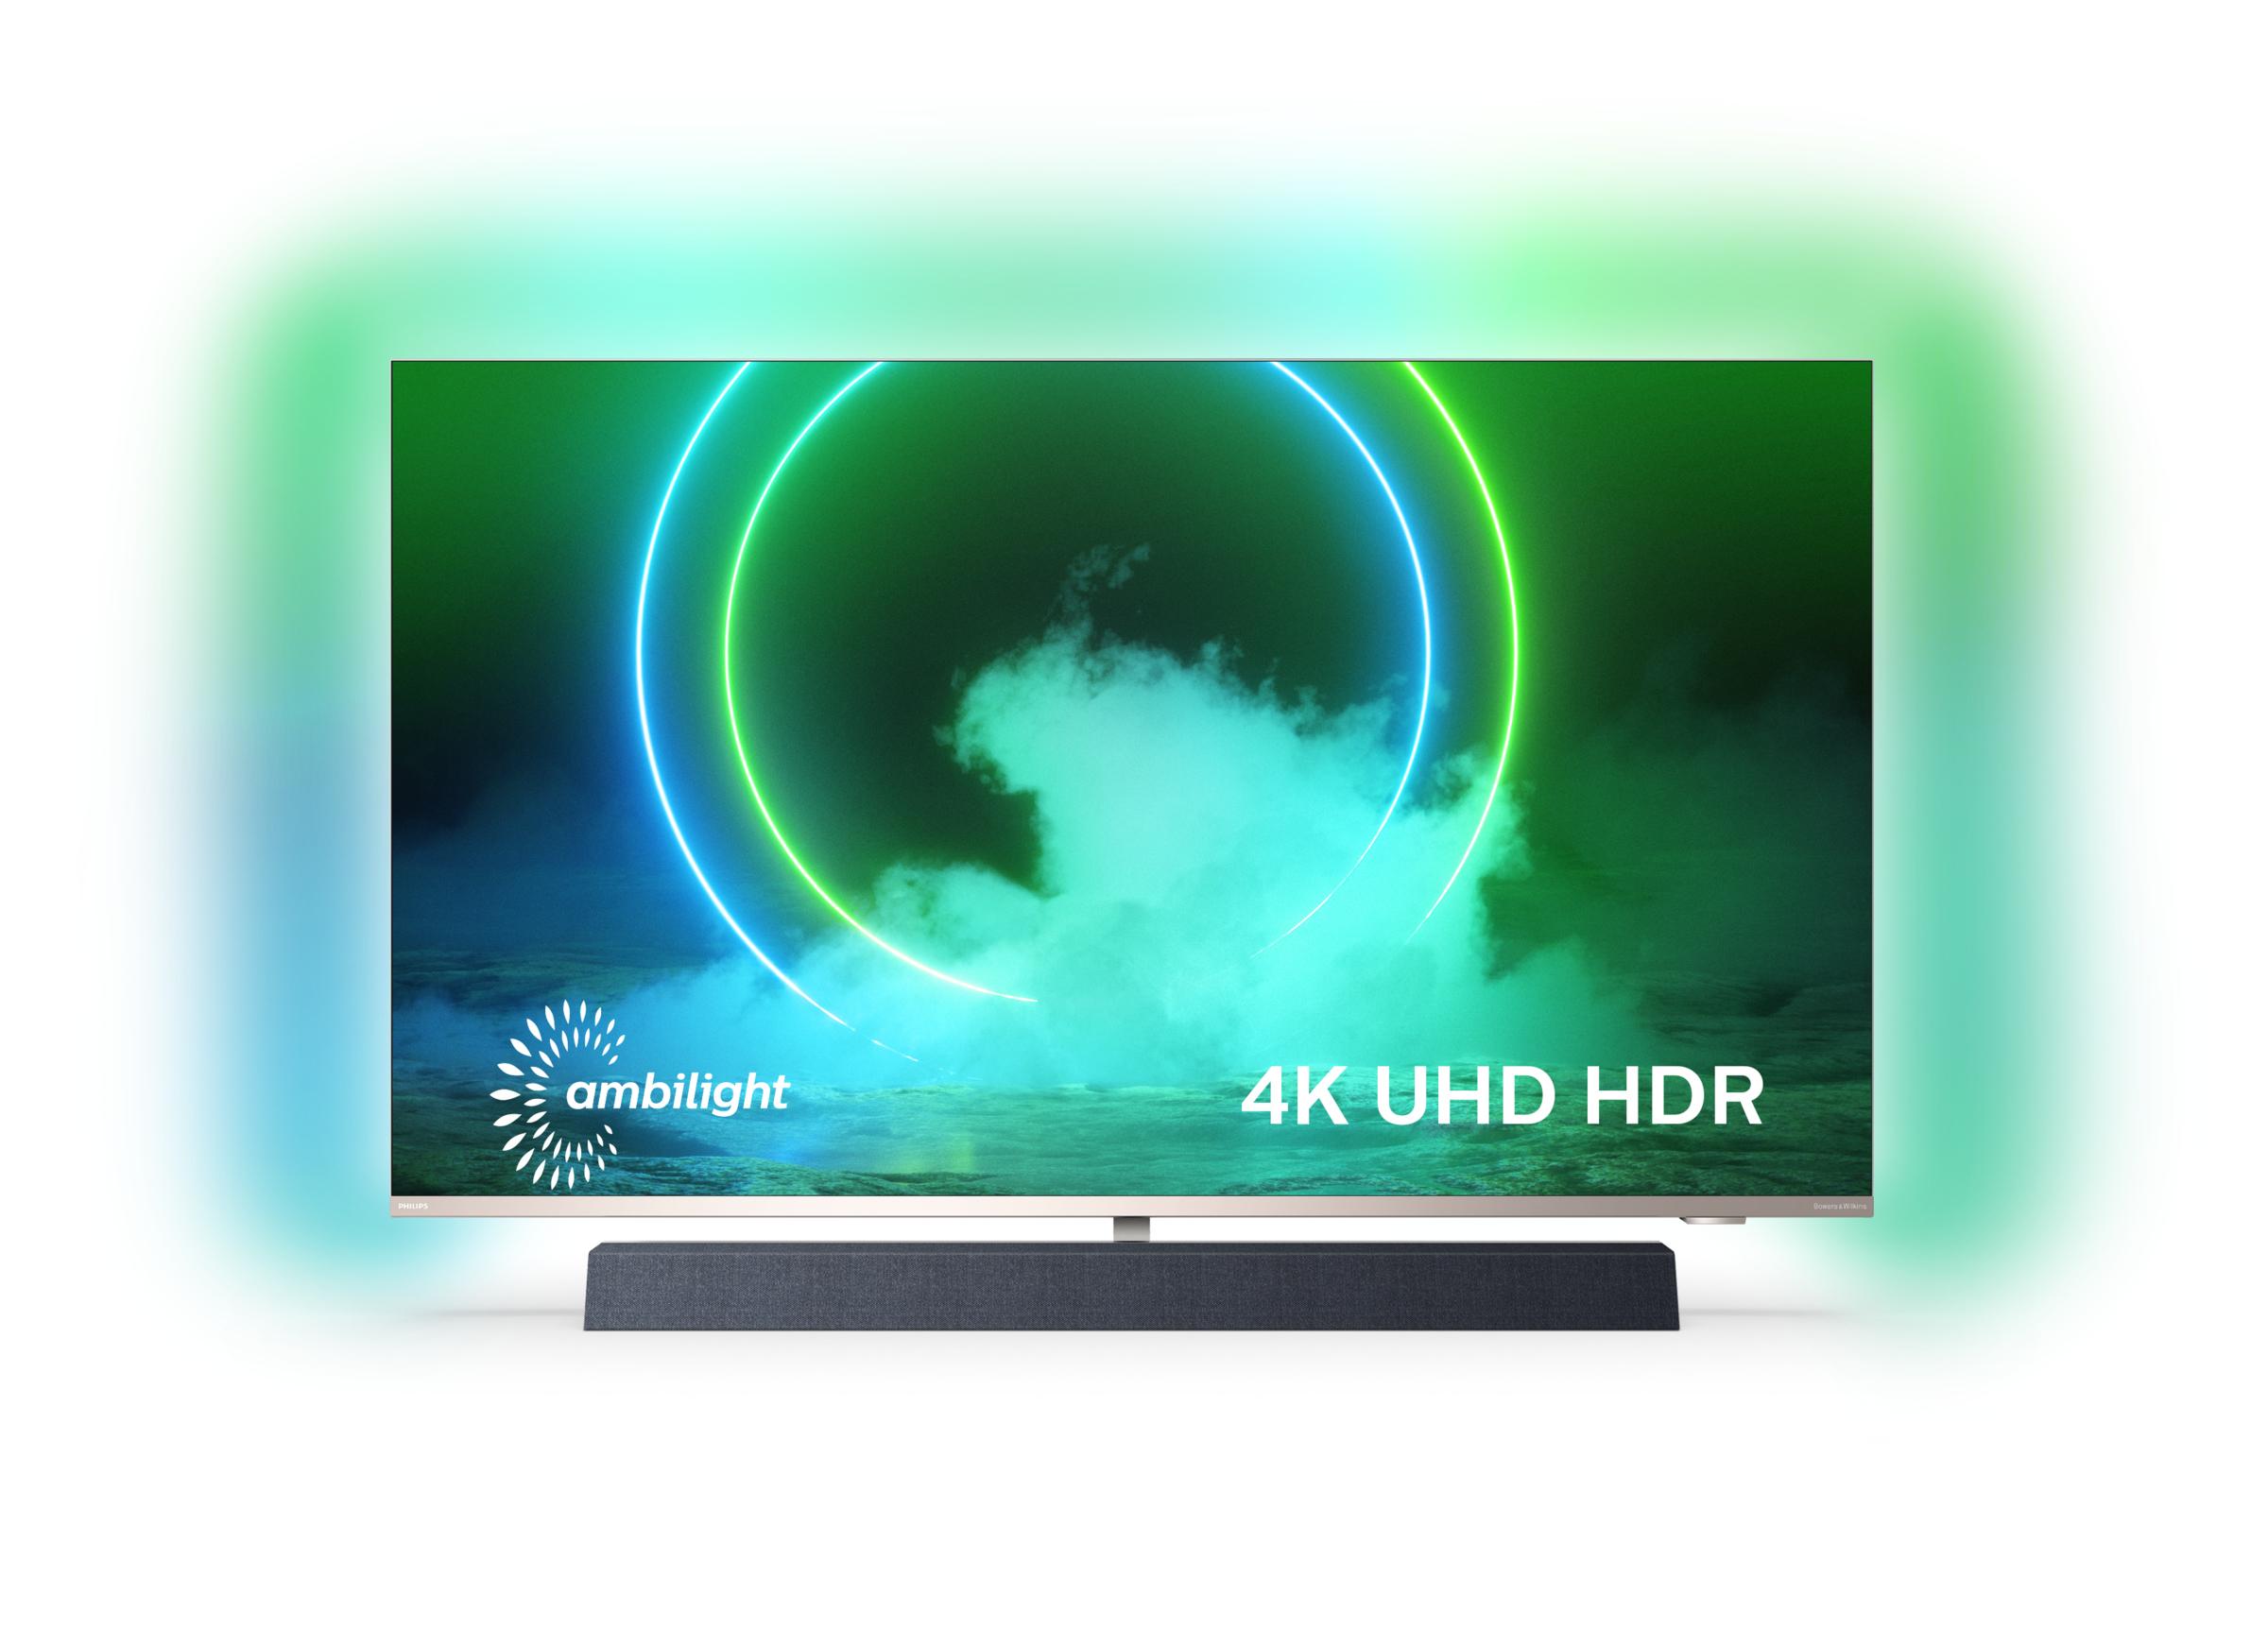 Philips 65PUS9435/12 LED Fernseher 165,1 cm (65 Zoll) EEK: A 4K Ultra HD für 1.299,00 Euro